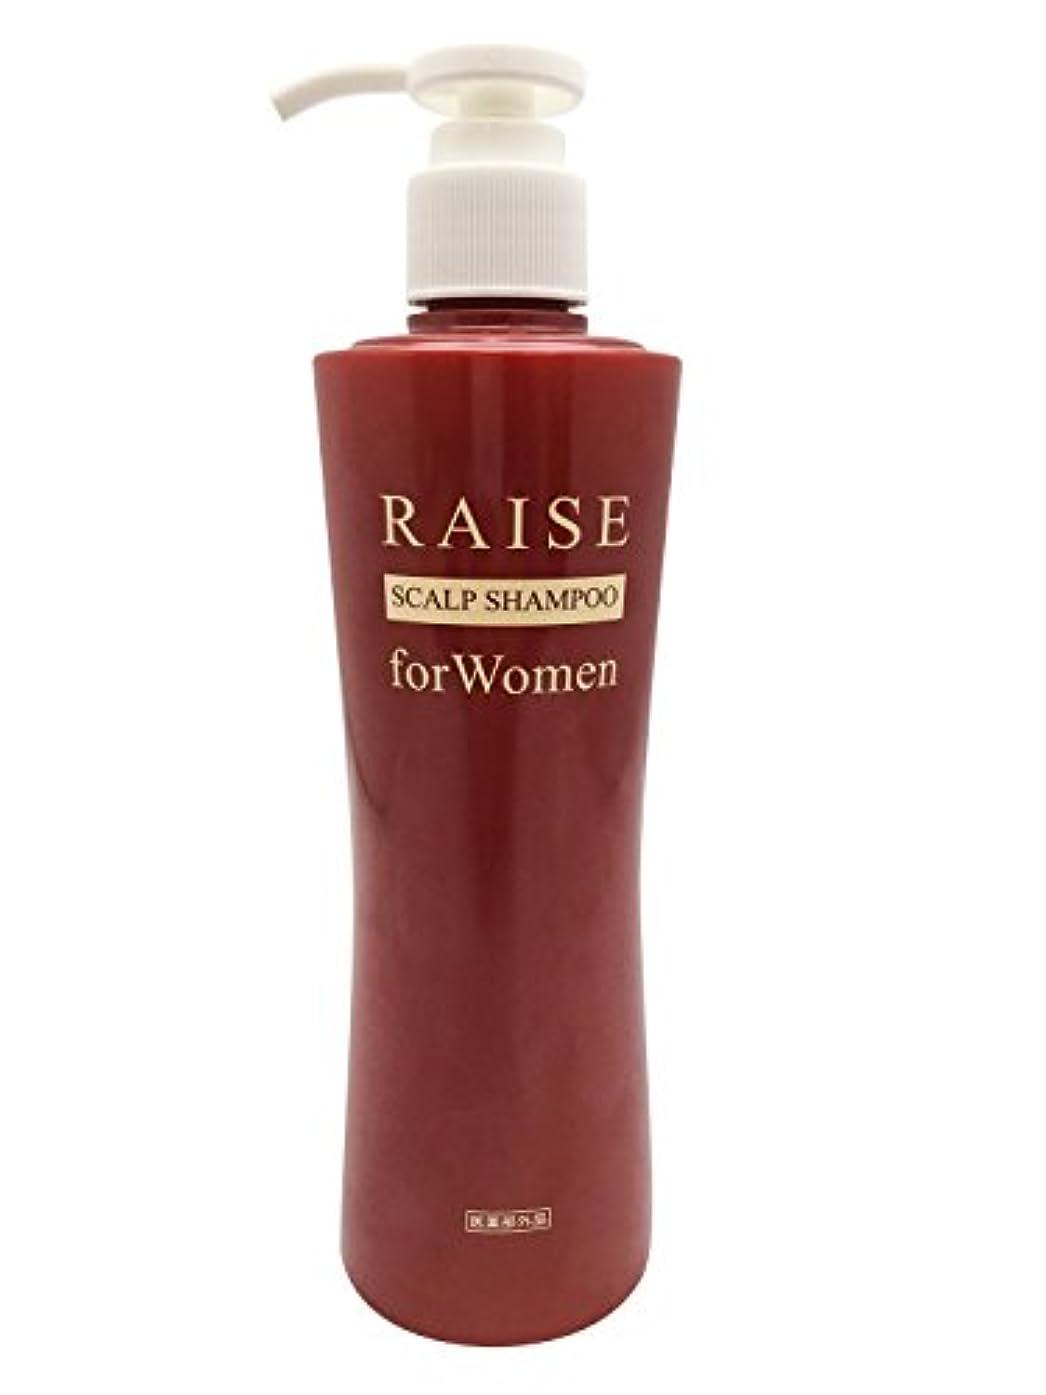 変化する整理する規制するRAISE スカルプシャンプー for Women 【医薬部外品】